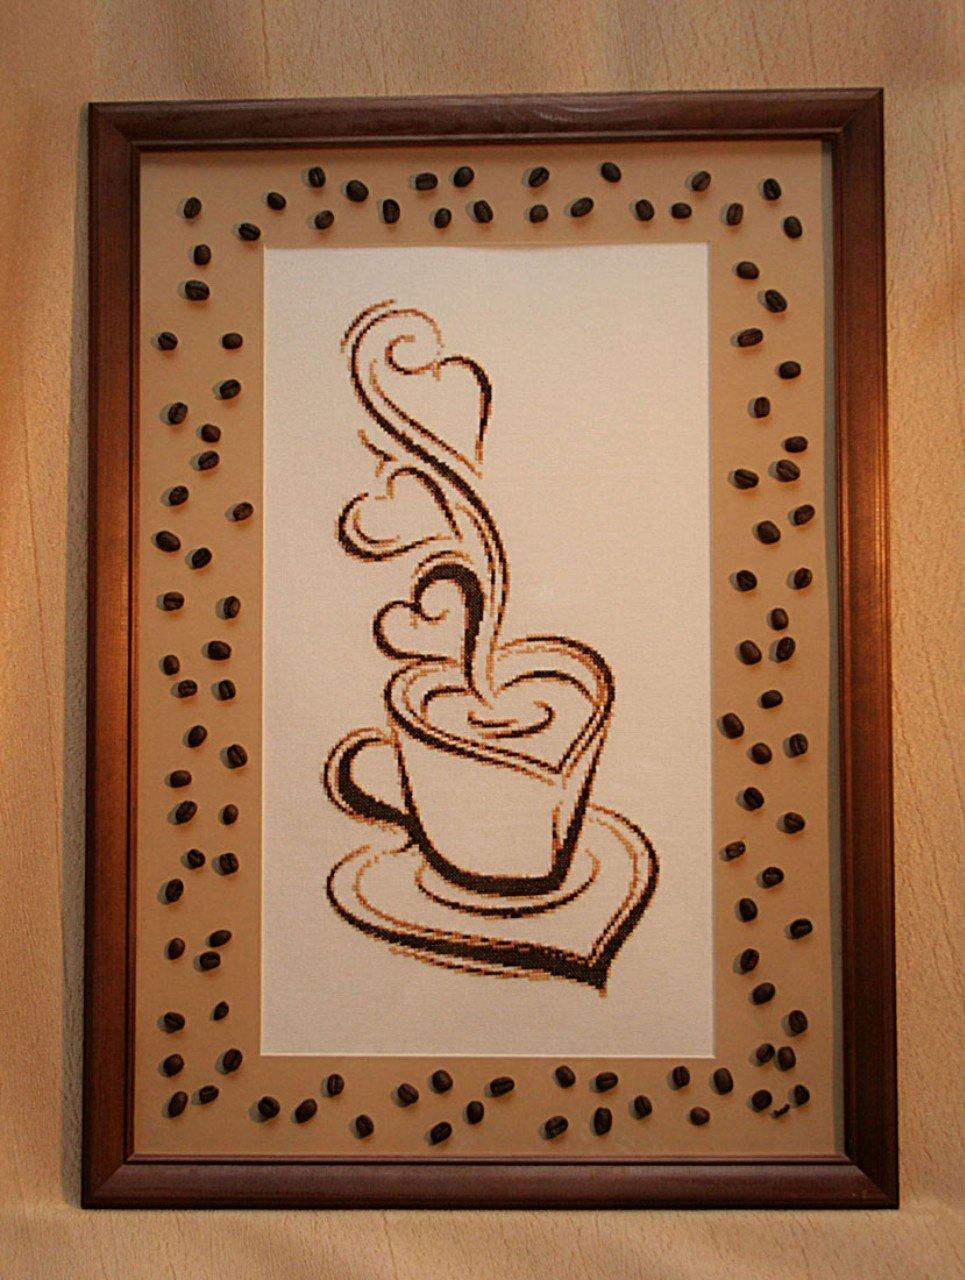 рисунок из зерен кофе на бумаге мировом рынке